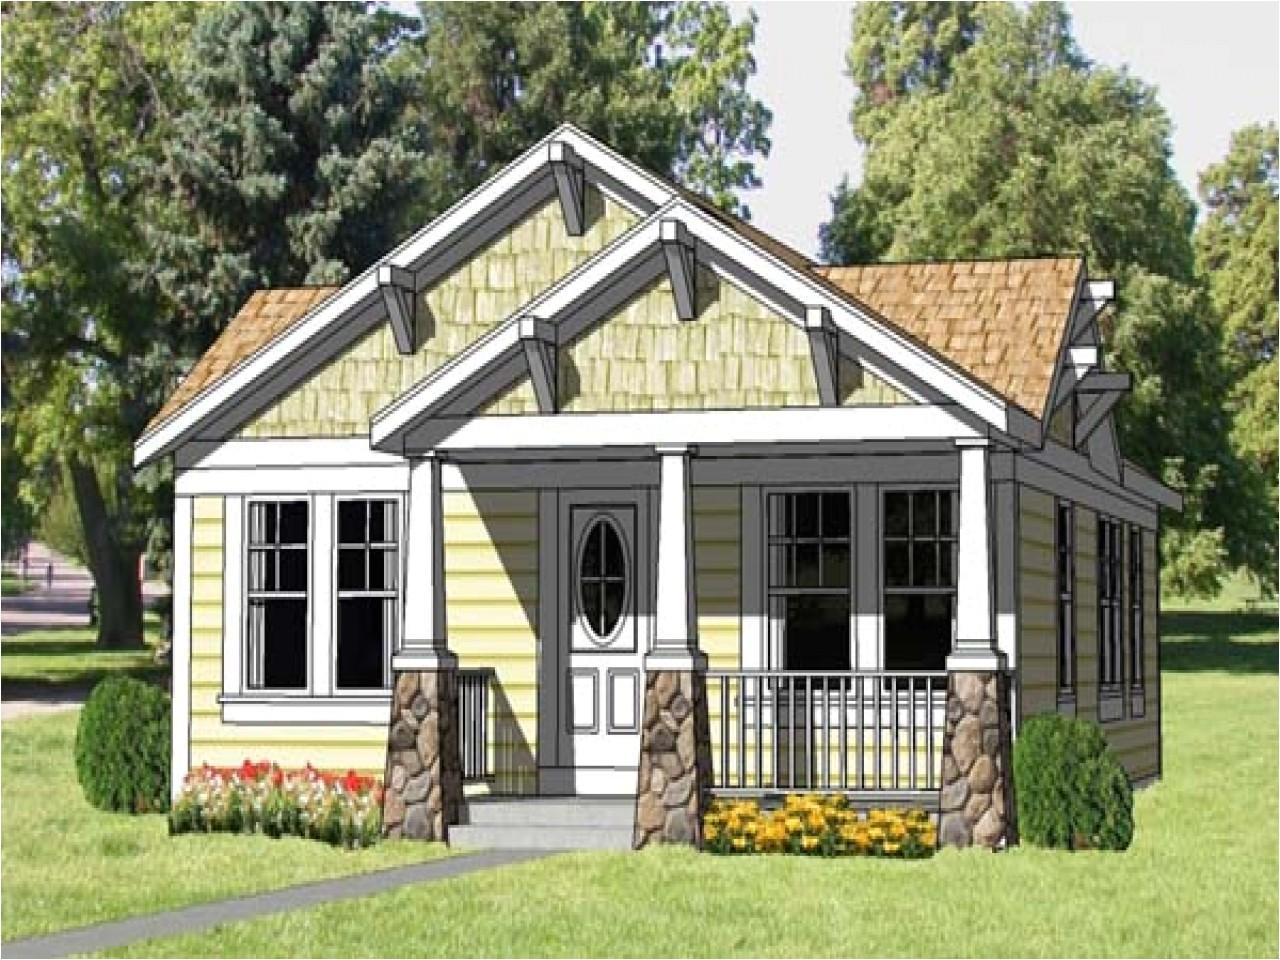 75e81e755c1f52e2 urban craftsman style home small craftsman style home plans